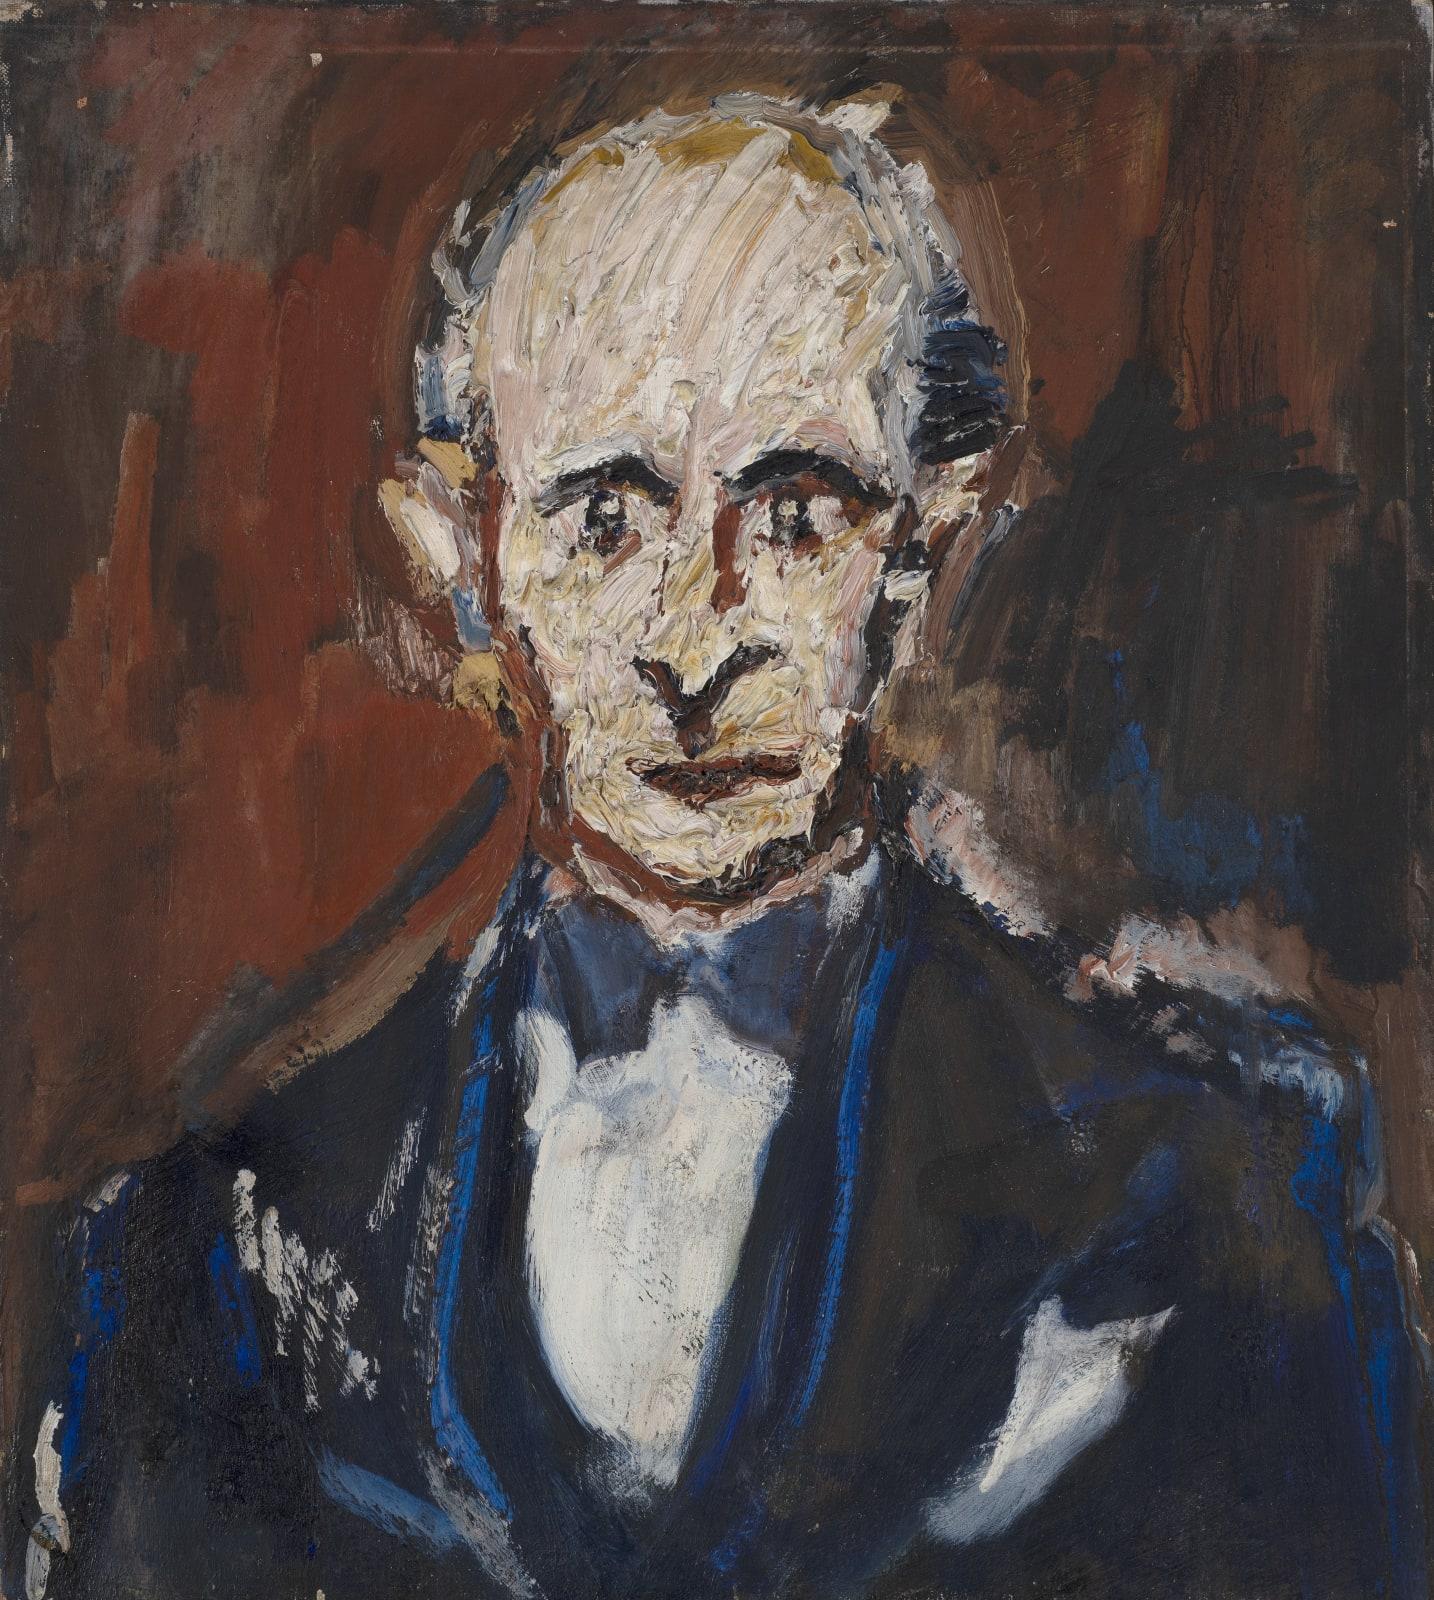 Gustav Metzger Head of E Royalton-Kisch, 1950 Oil on canvas, 69.4 x 62.2cm. The Gustav Metzger Foundation